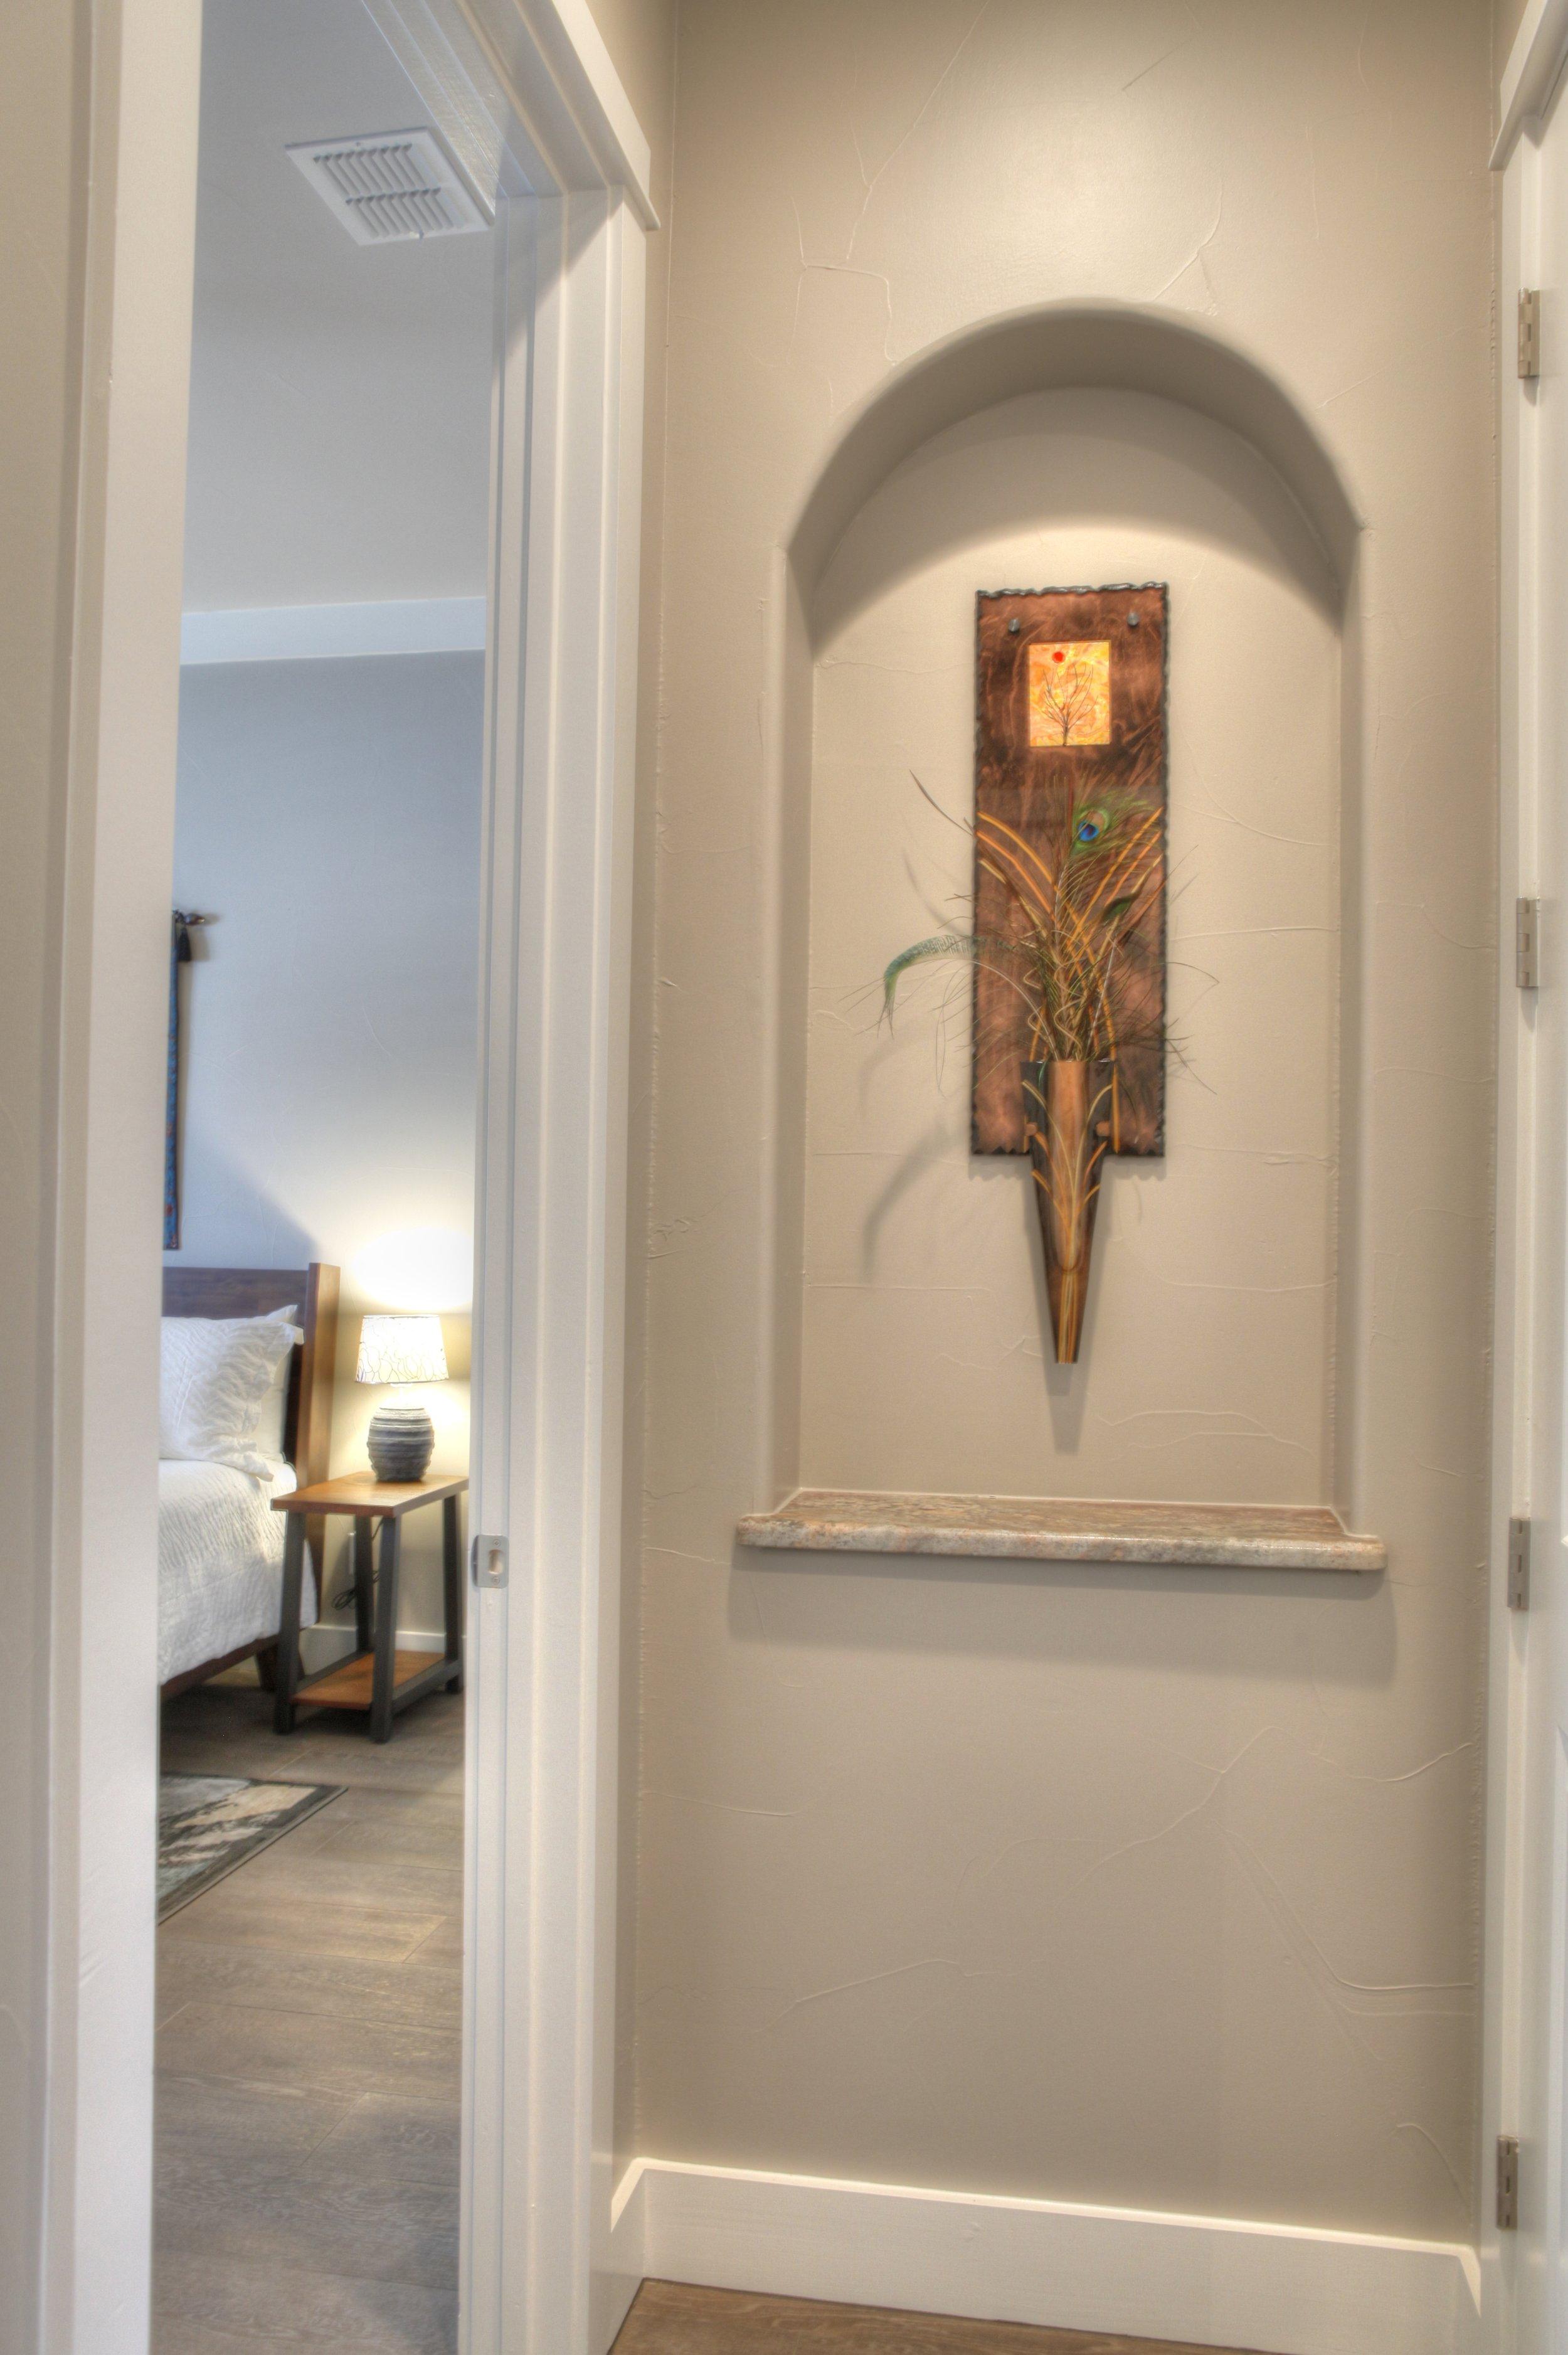 22-guest bedroom entry - 1-1.jpg